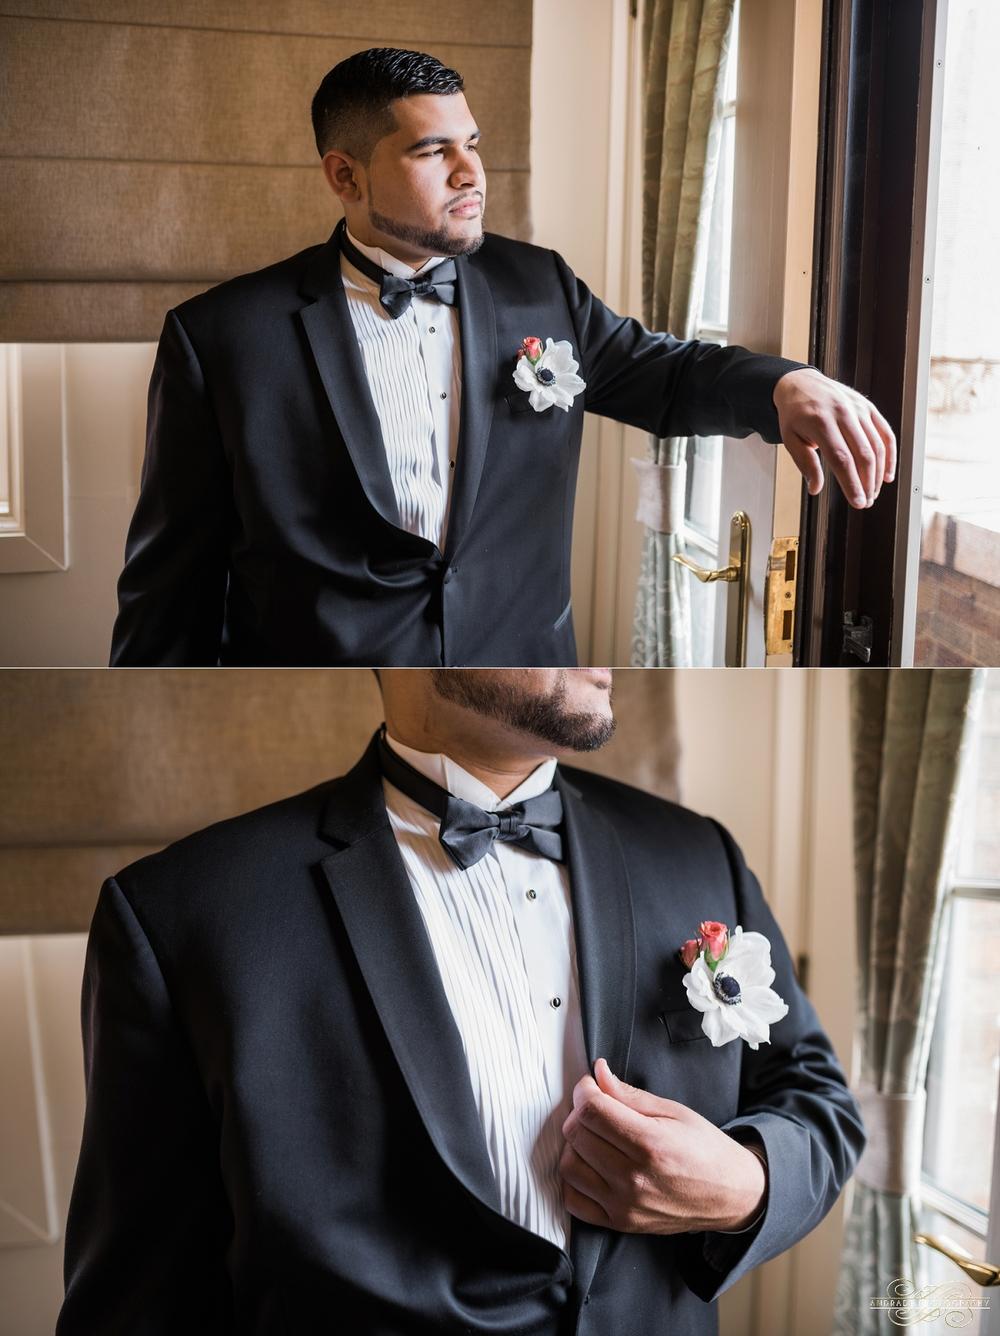 Angie + Hugo Hotel Baker Wedding Photography St Charles Illinois_0029.jpg